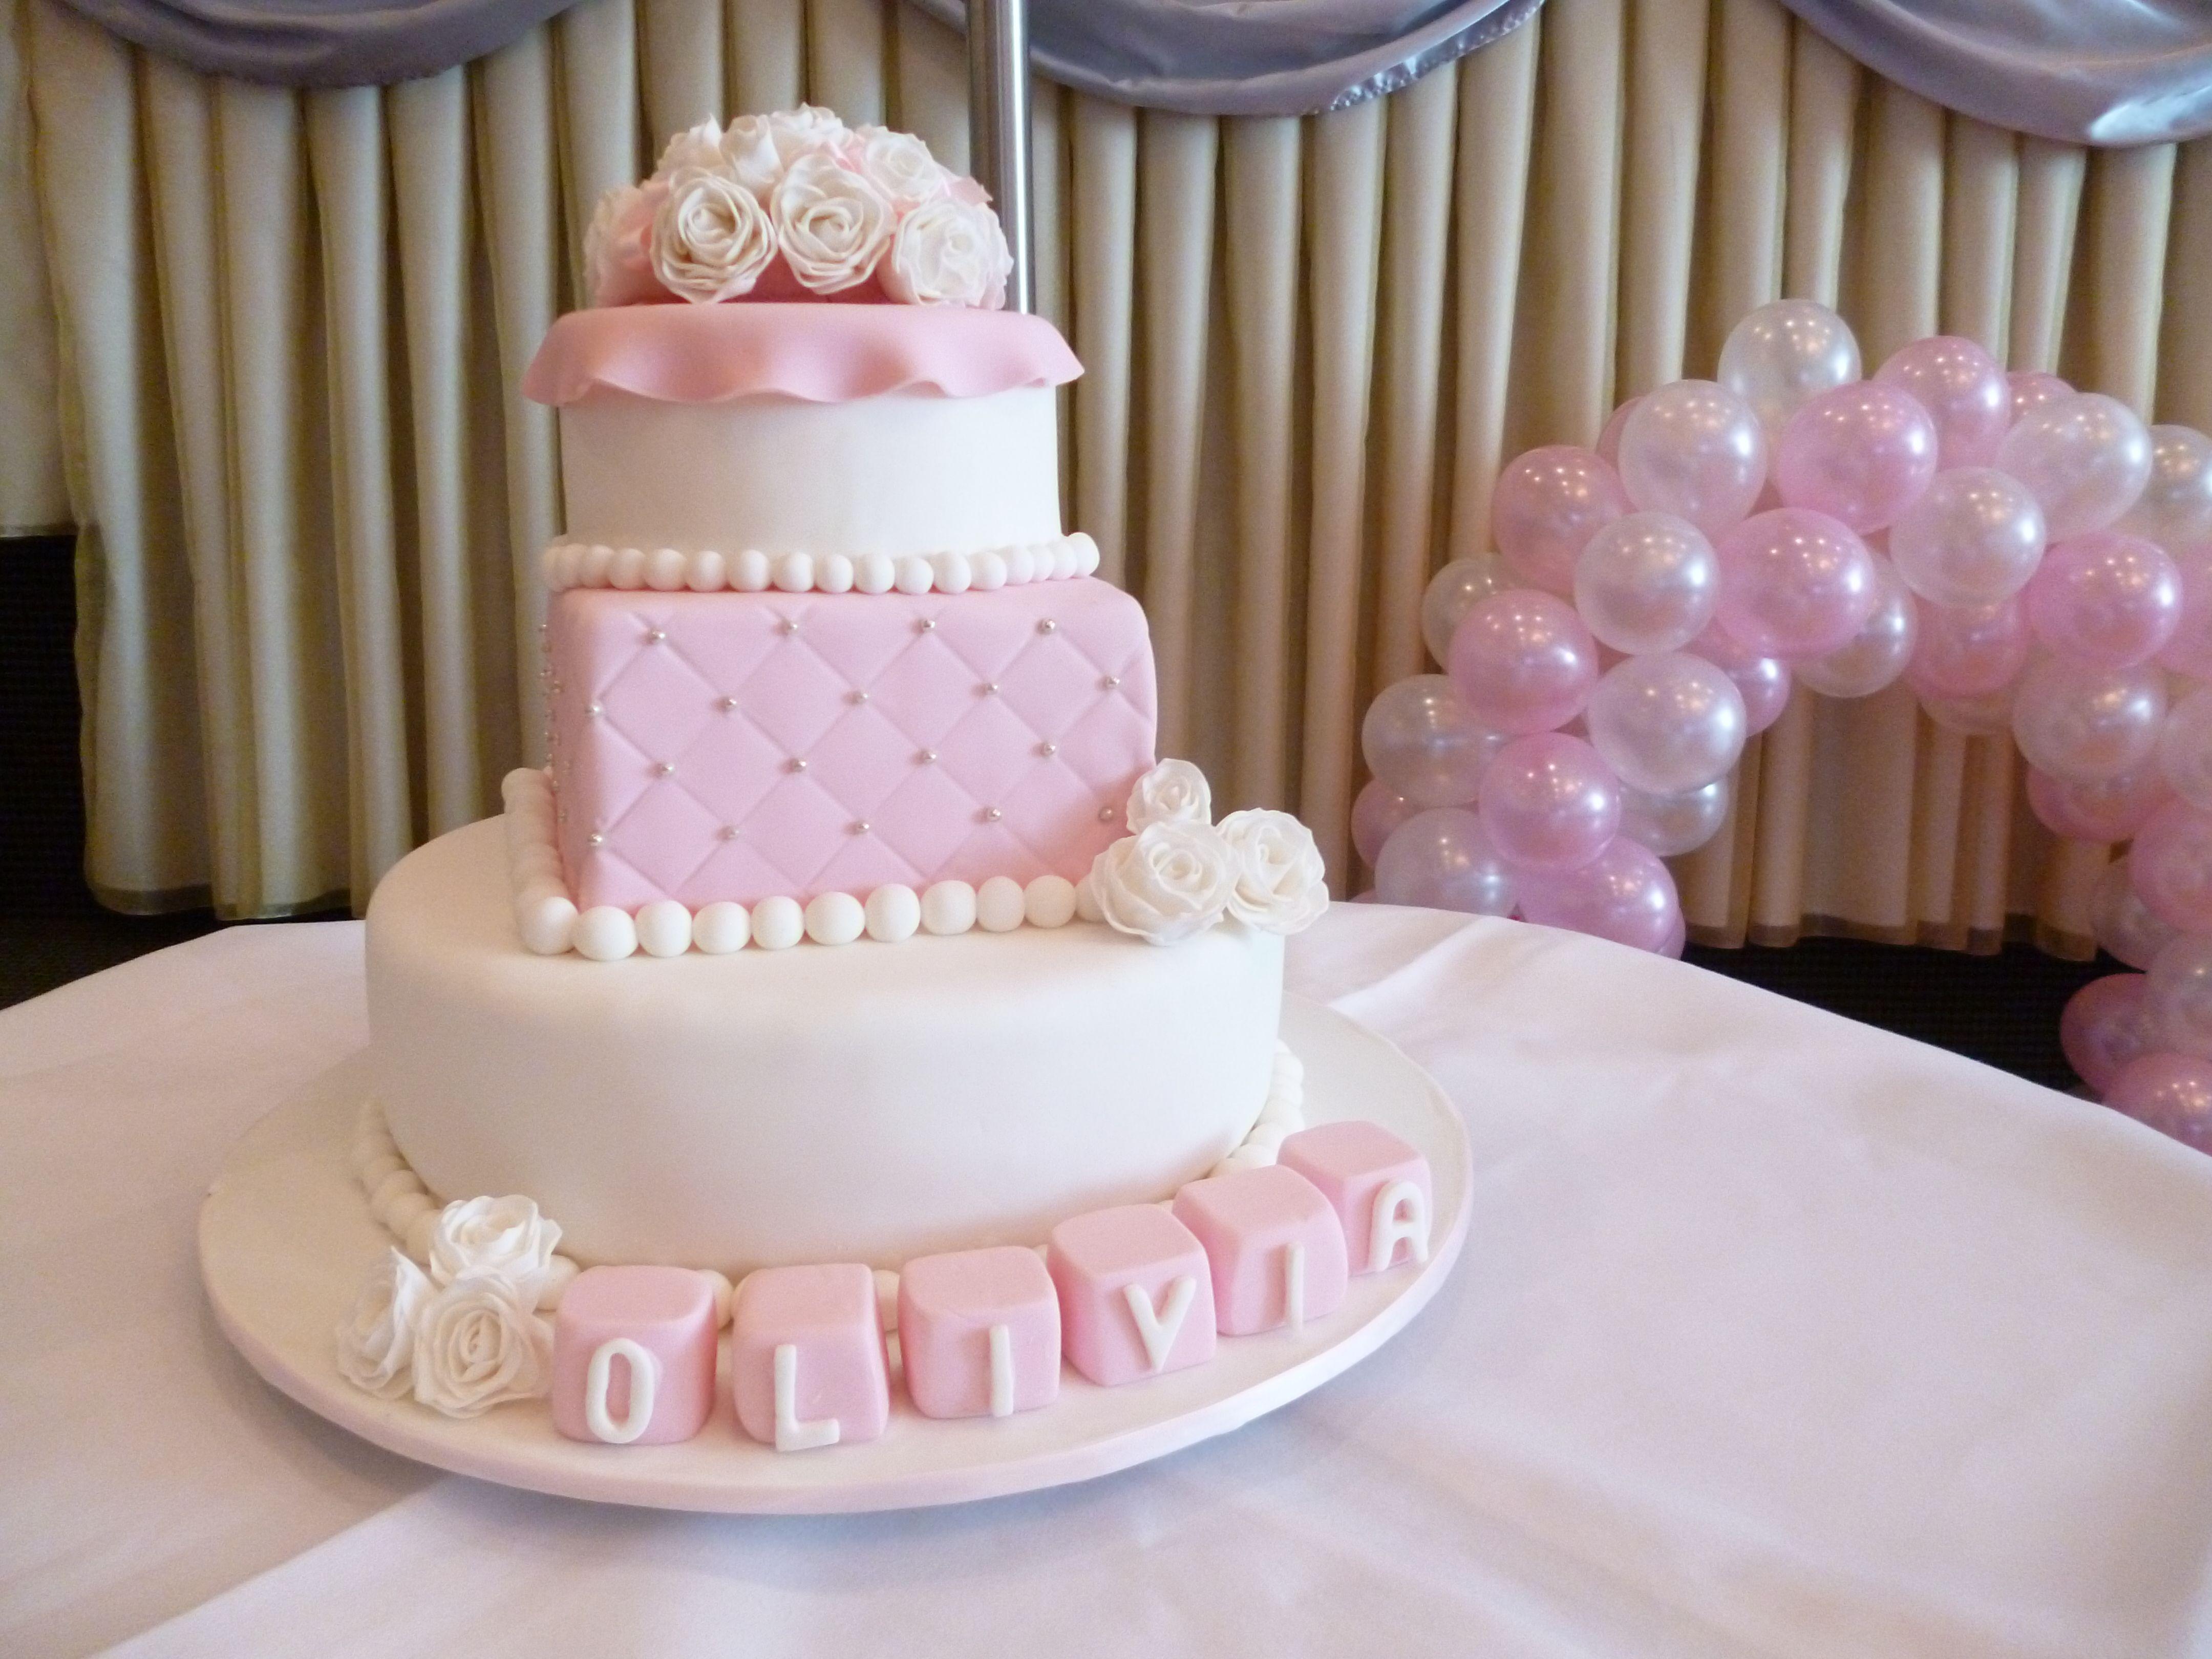 Birthday Cakes For Baby Girl ~ Christening 1st birthday cake i made for a girl! so cute! handmade